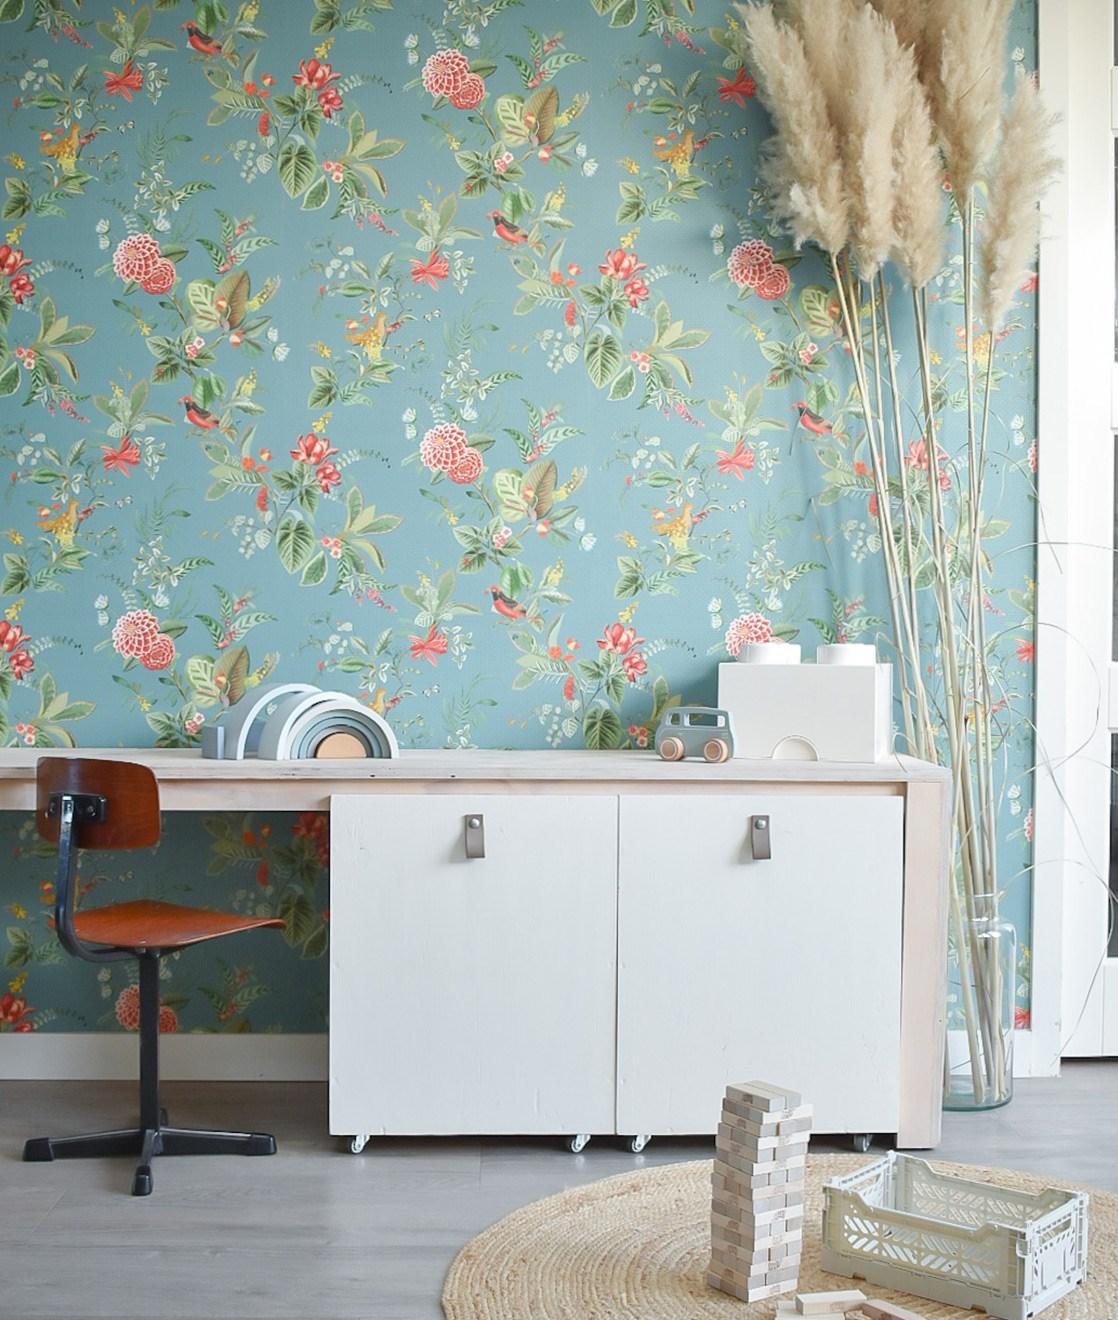 thuiswerken-zo-maak-je-een-fijne-werkplek